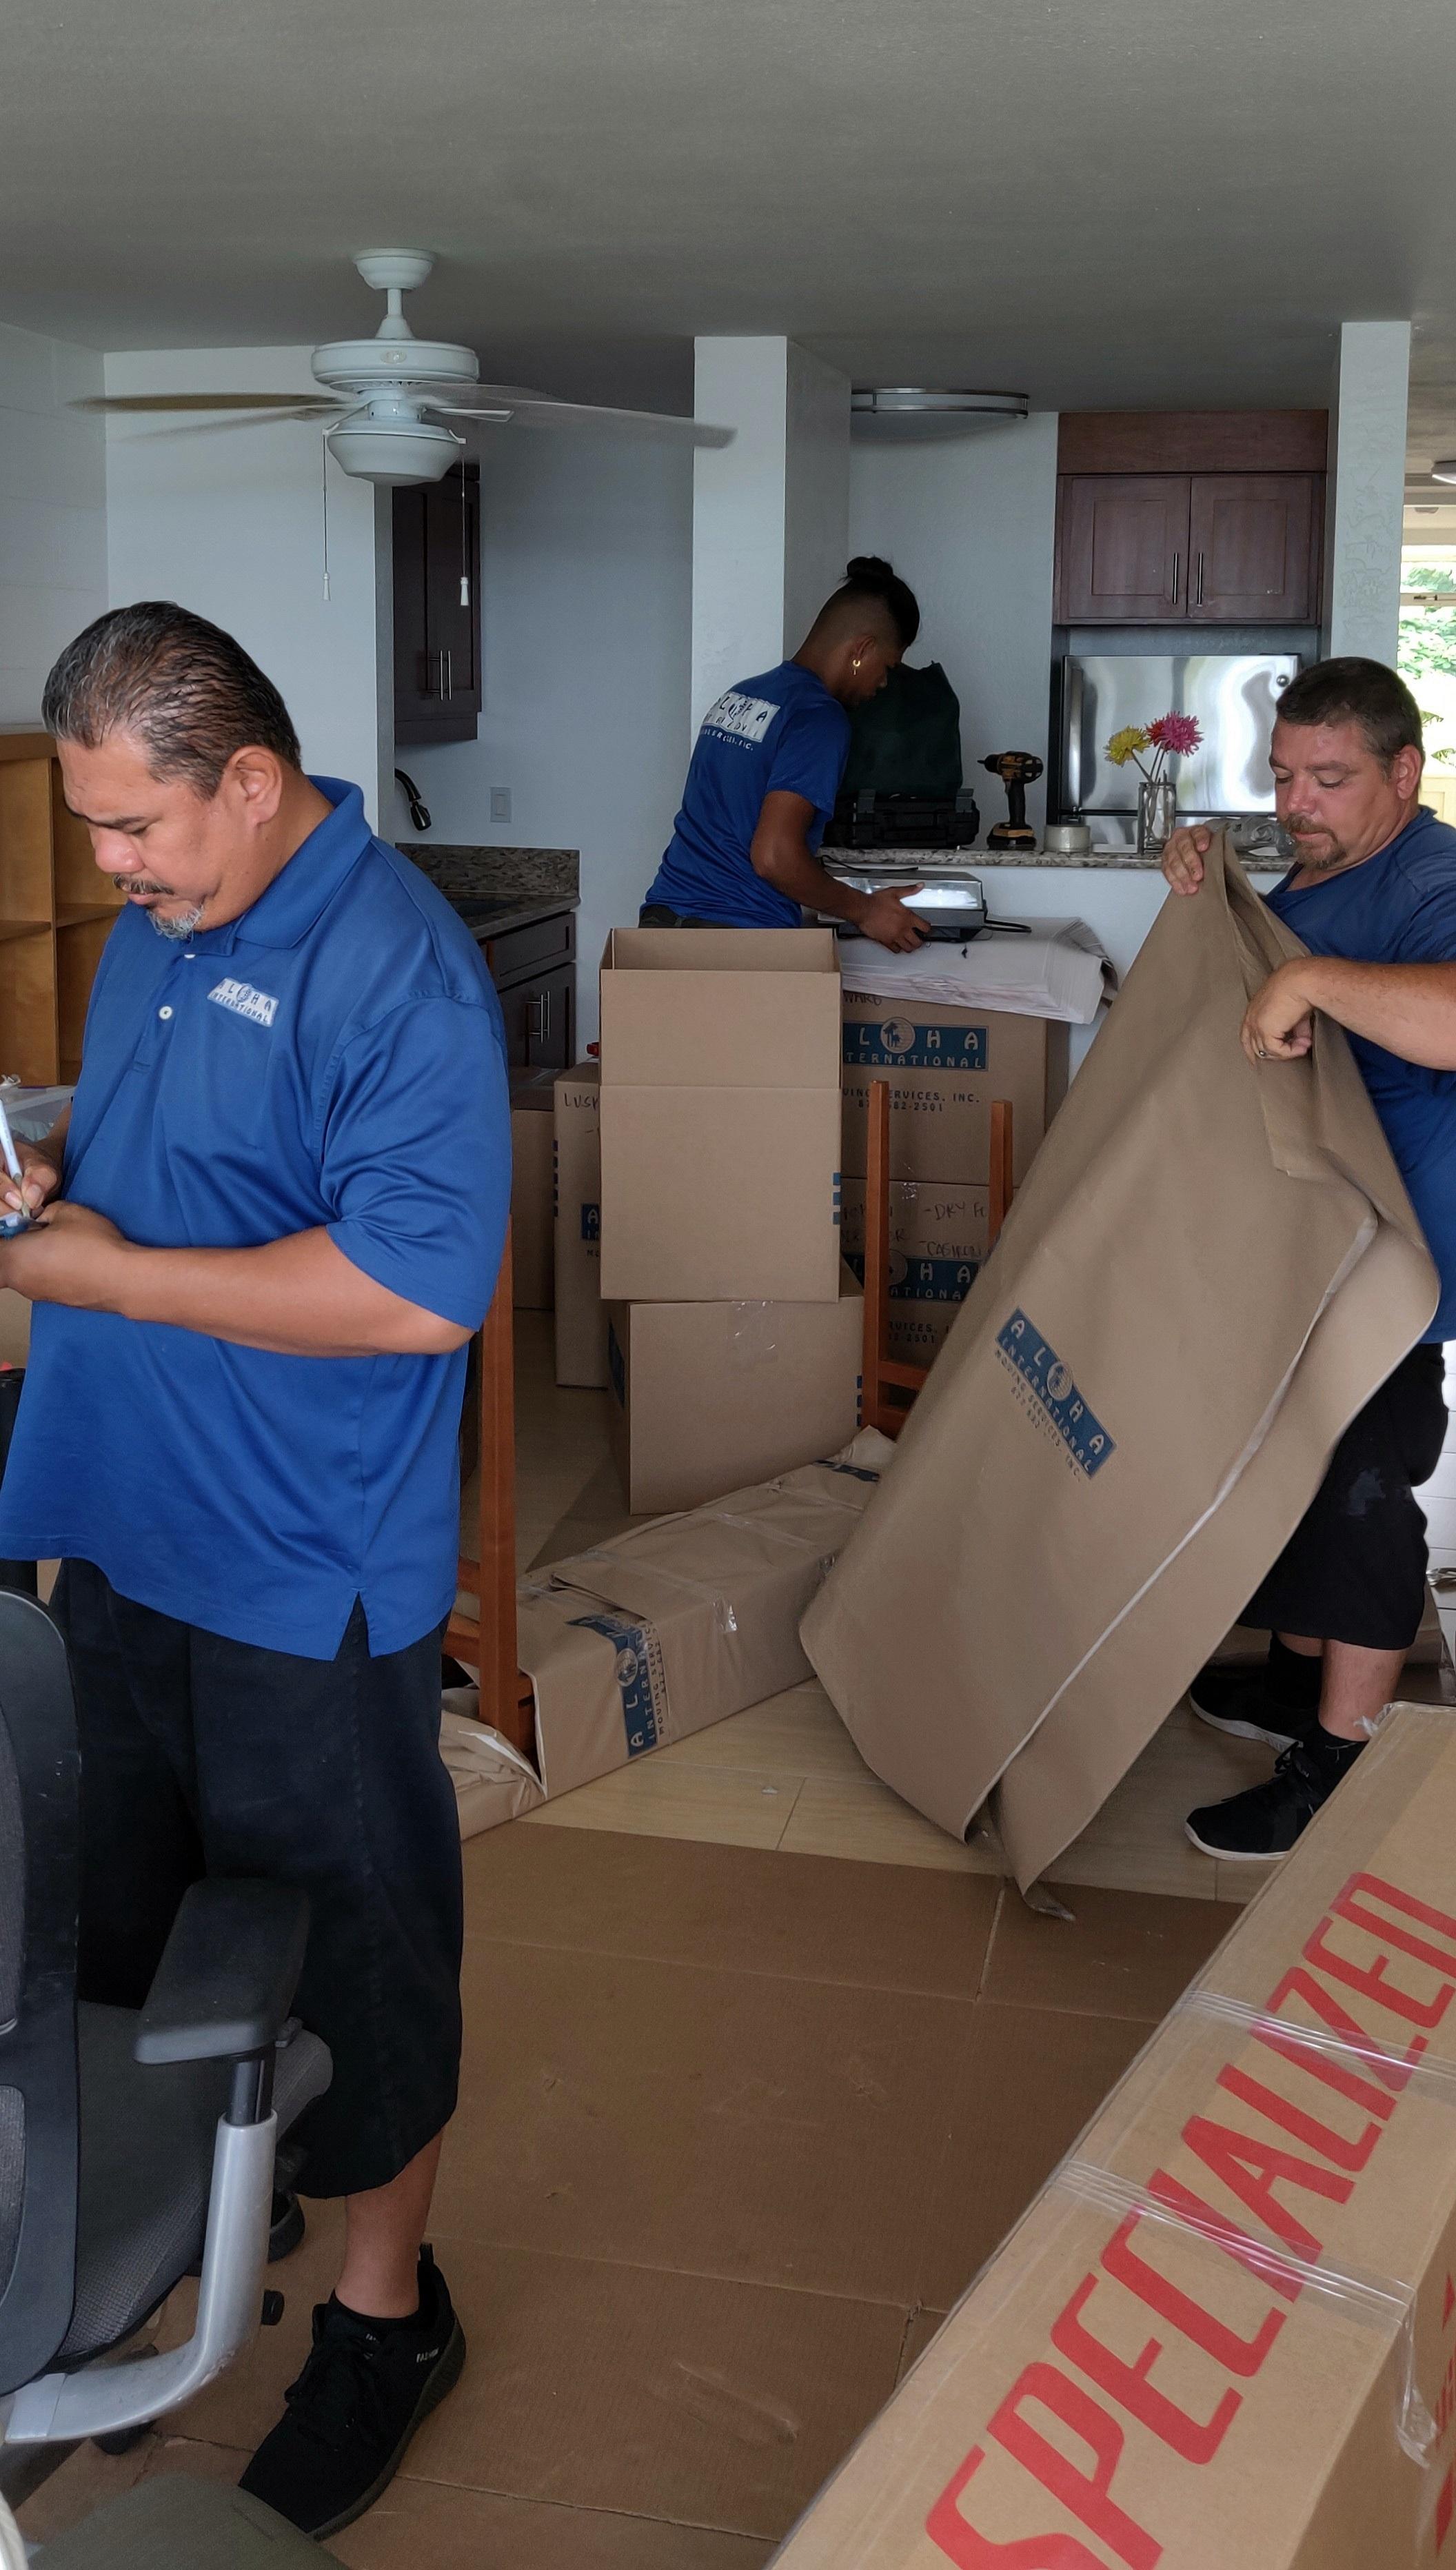 Hawaii moving company full-service move.